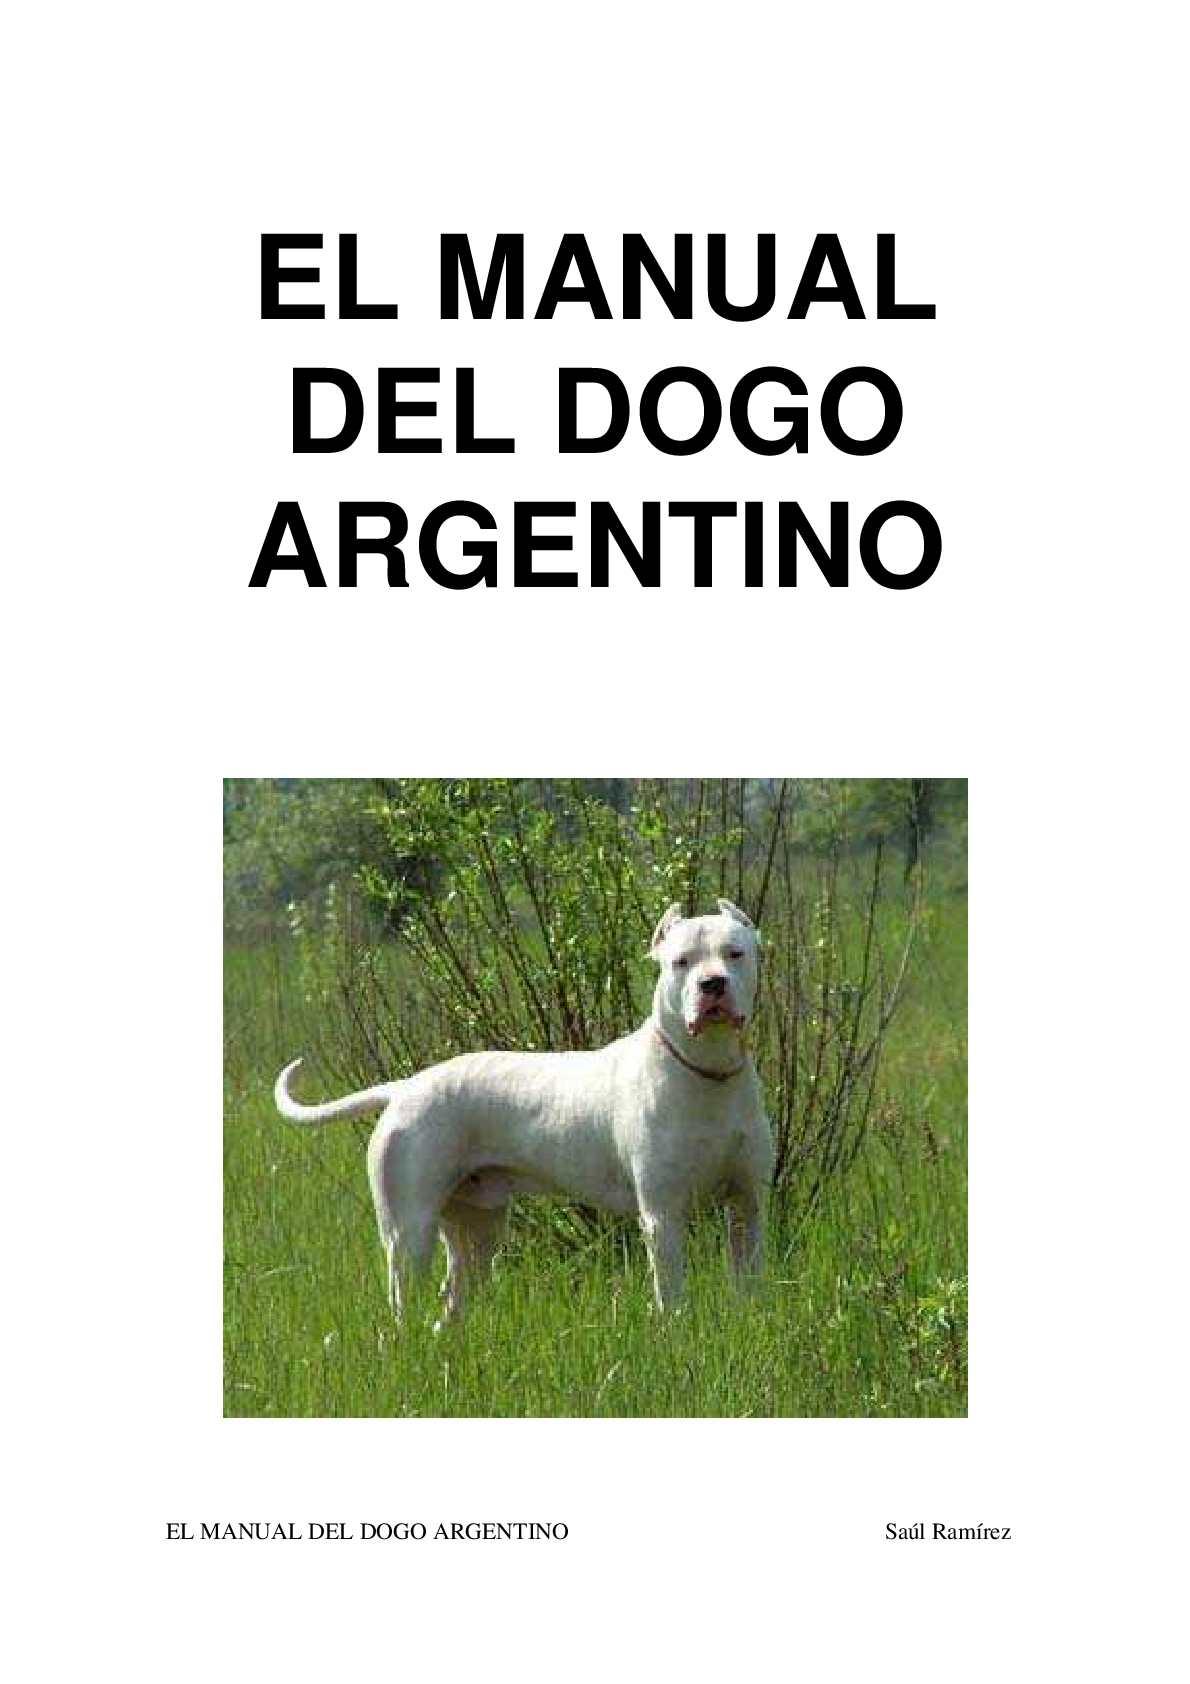 Calam o dogo argentino perro de presa y el mas presa for Revistas del espectaculo argentino